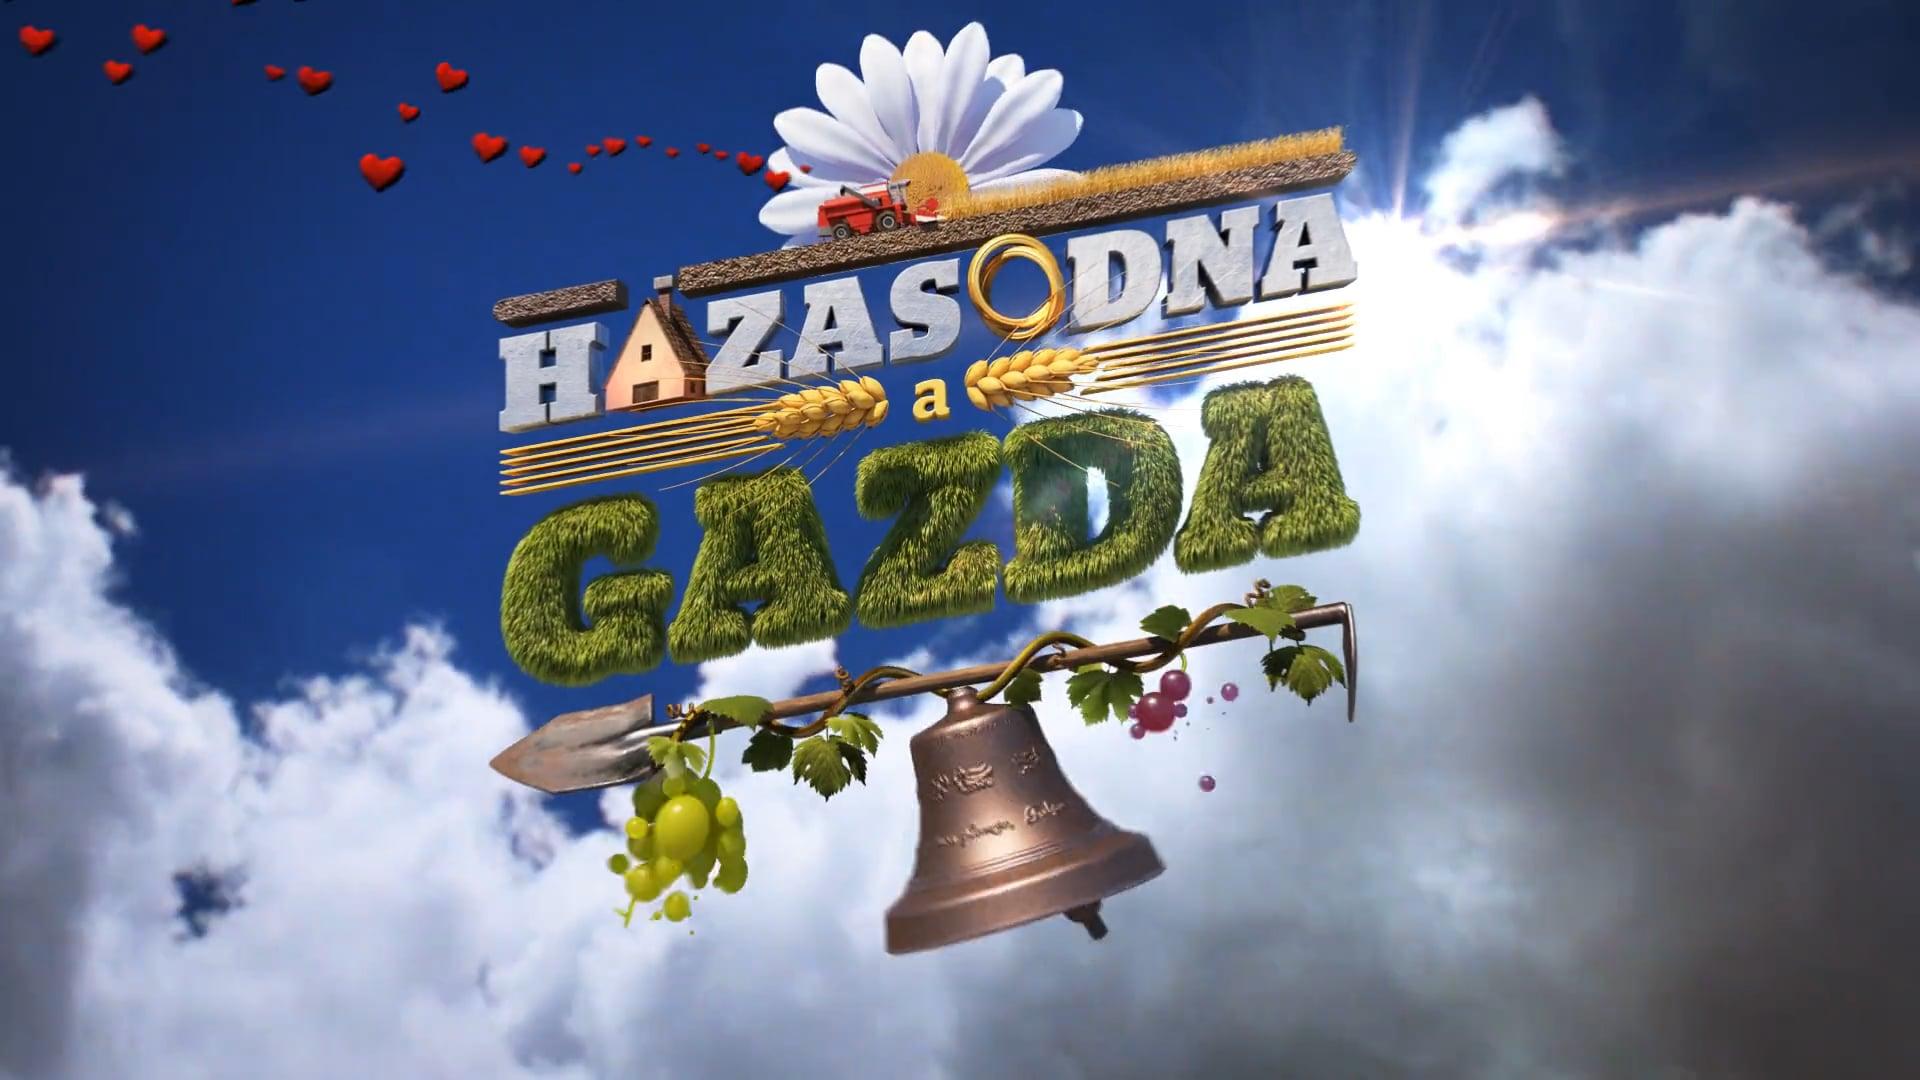 Házasodna a Gazda (Farmer Wants a Wife) | branding